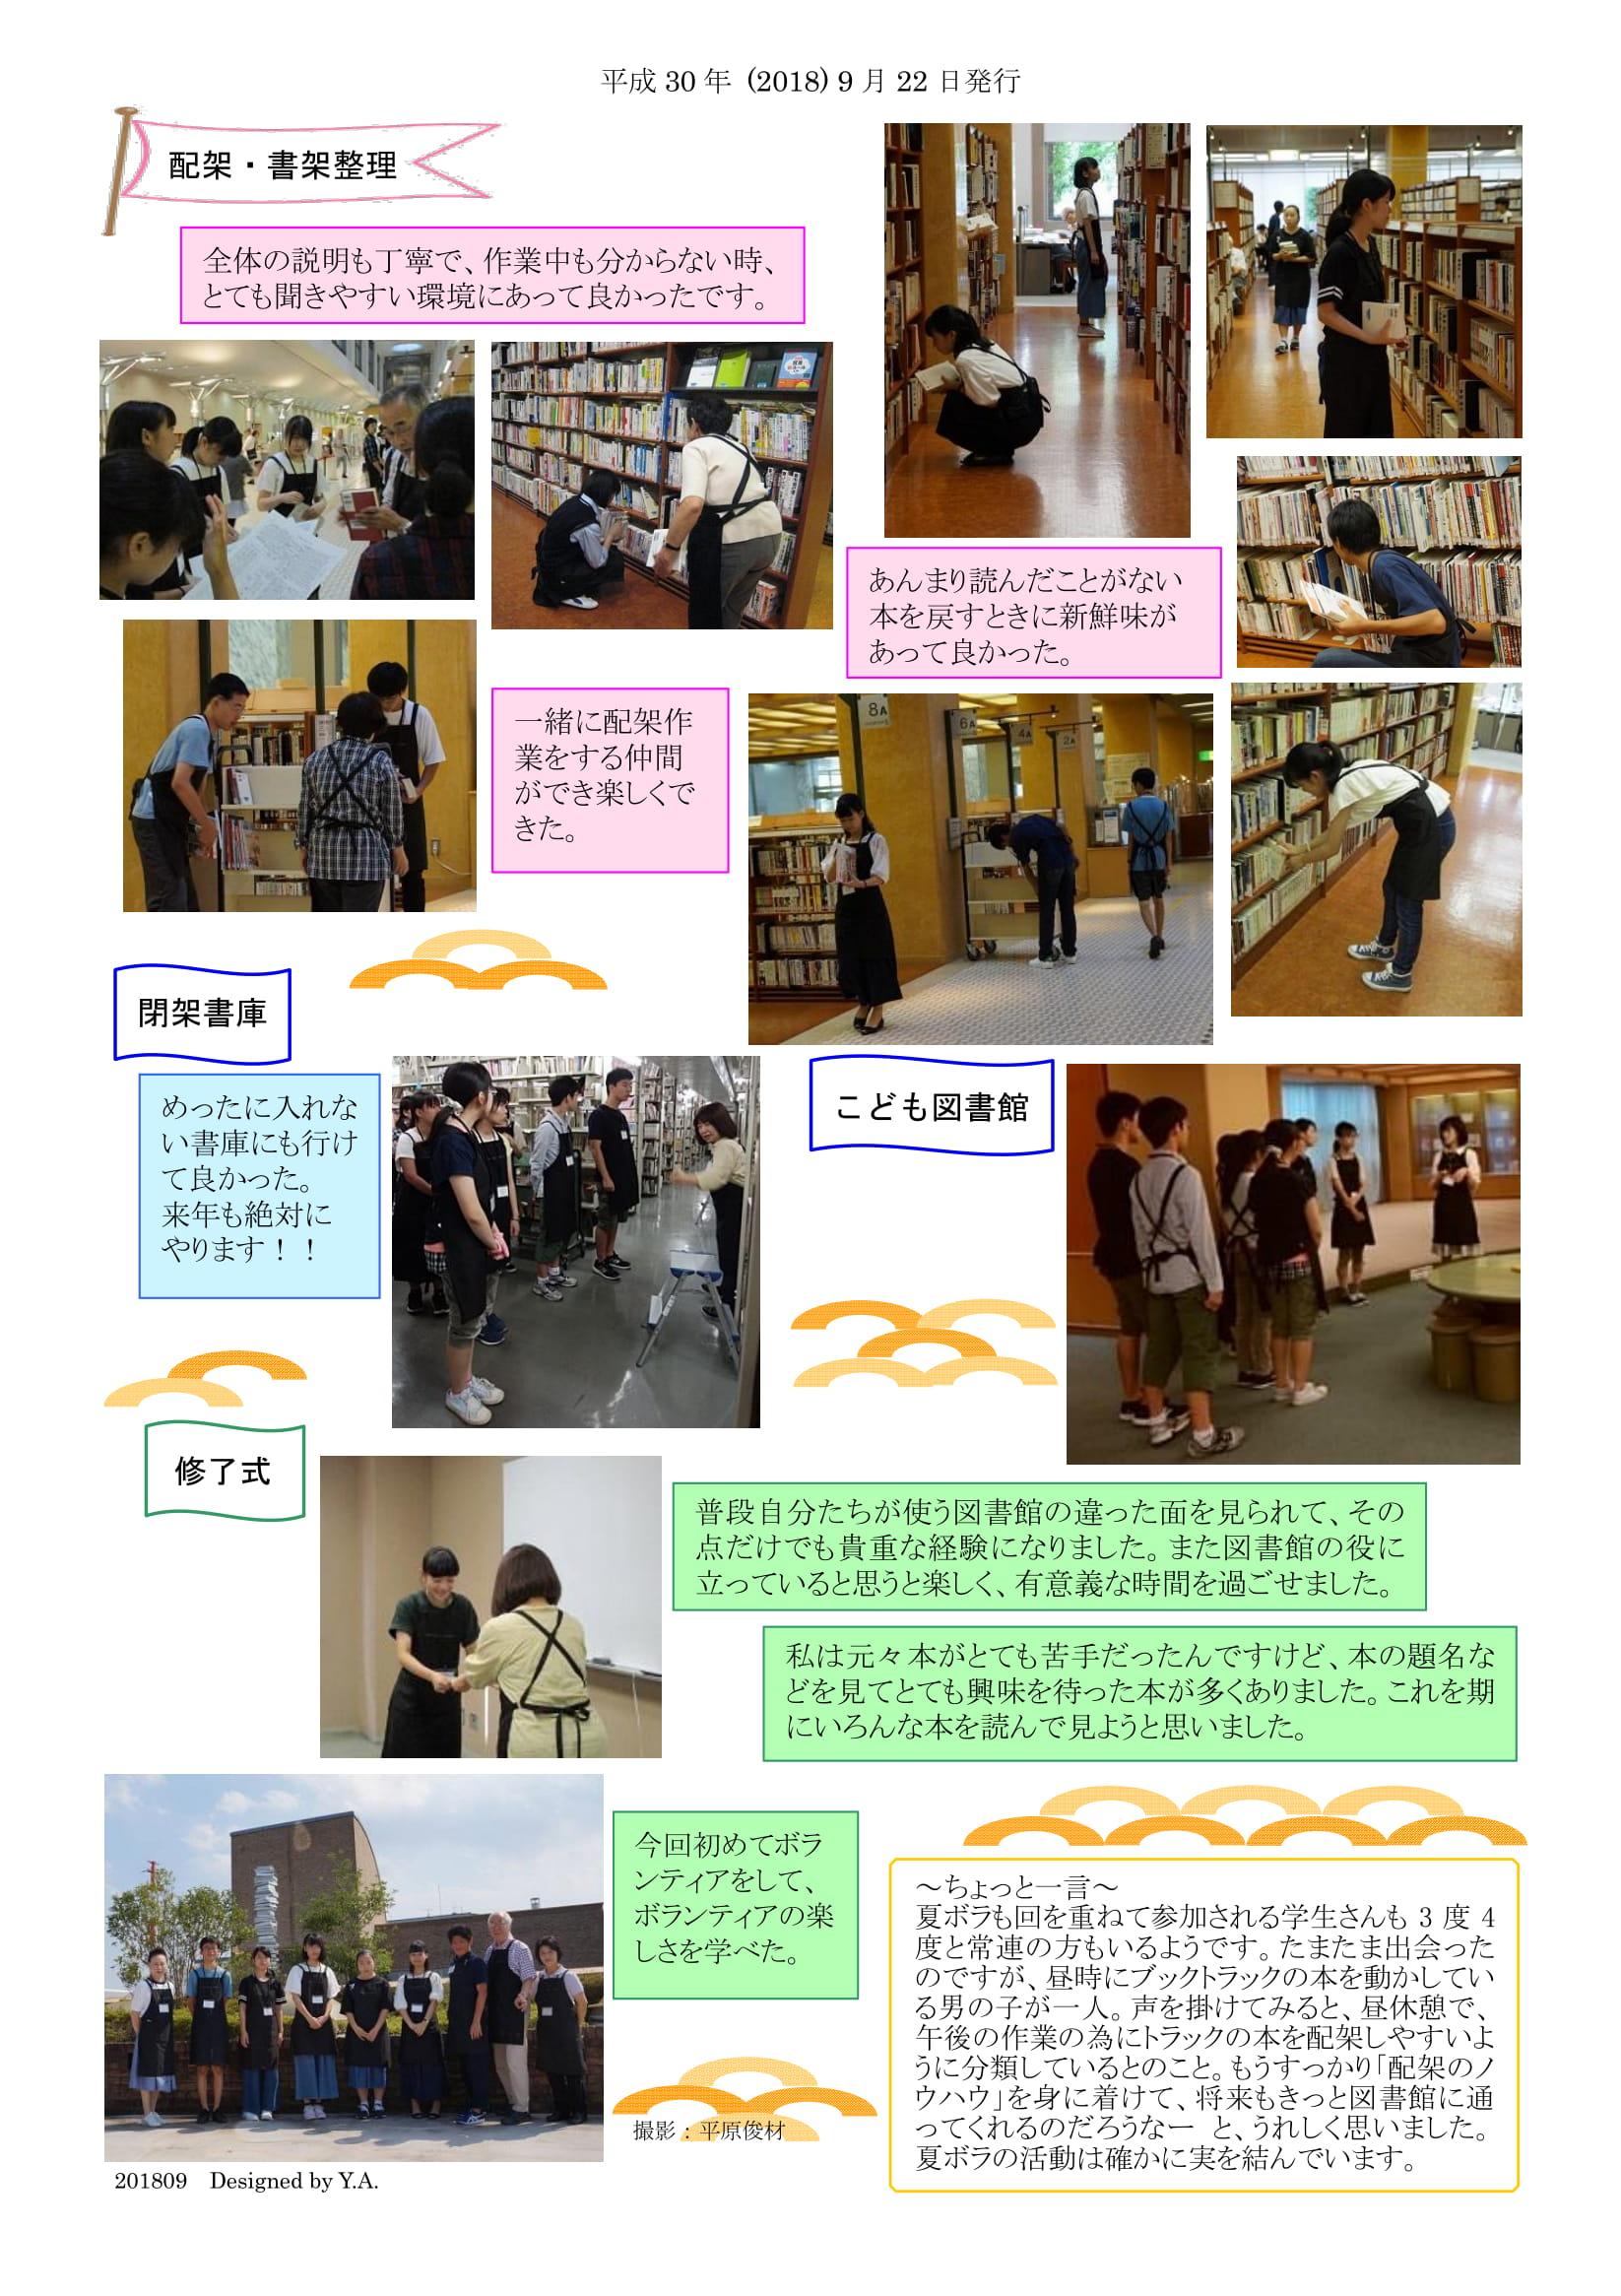 FIL通信 夏ボラ -2